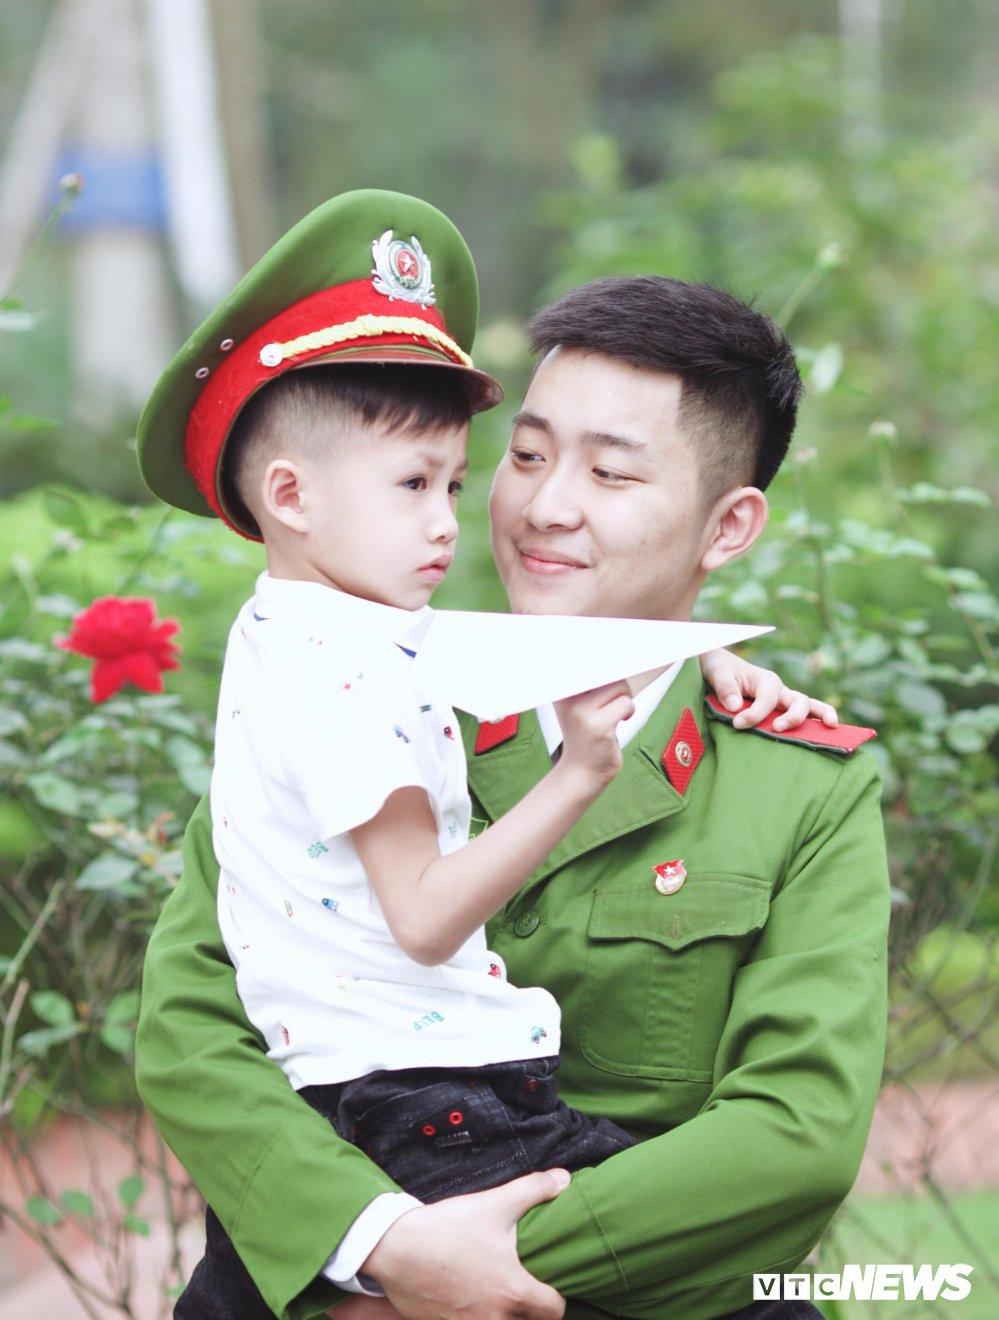 'Net dep sinh vien chuyen nganh Canh sat dieu tra nam 2018' qua 10 buc anh dac biet hinh anh 3